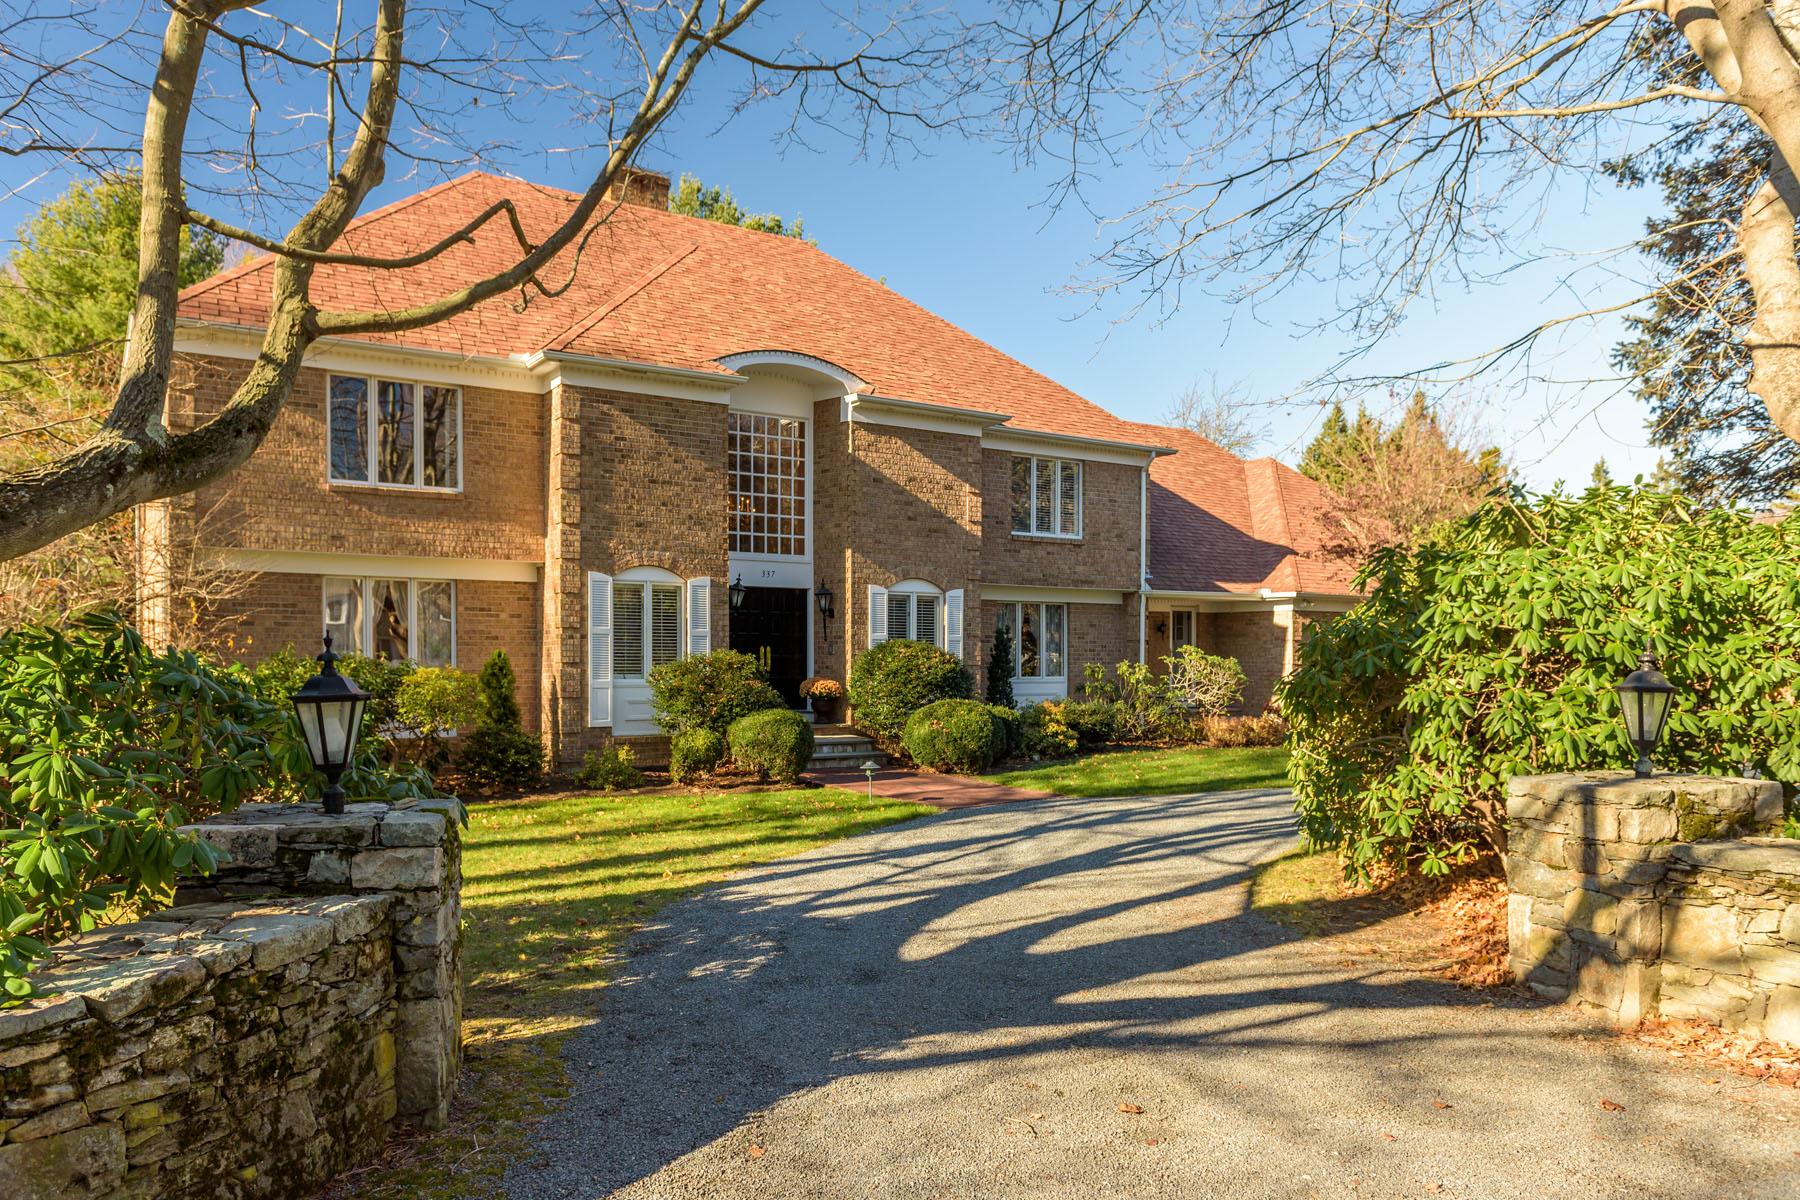 独户住宅 为 销售 在 337 Rumstick Rd, Barrington, RI 巴灵顿, 罗得岛, 02806 美国